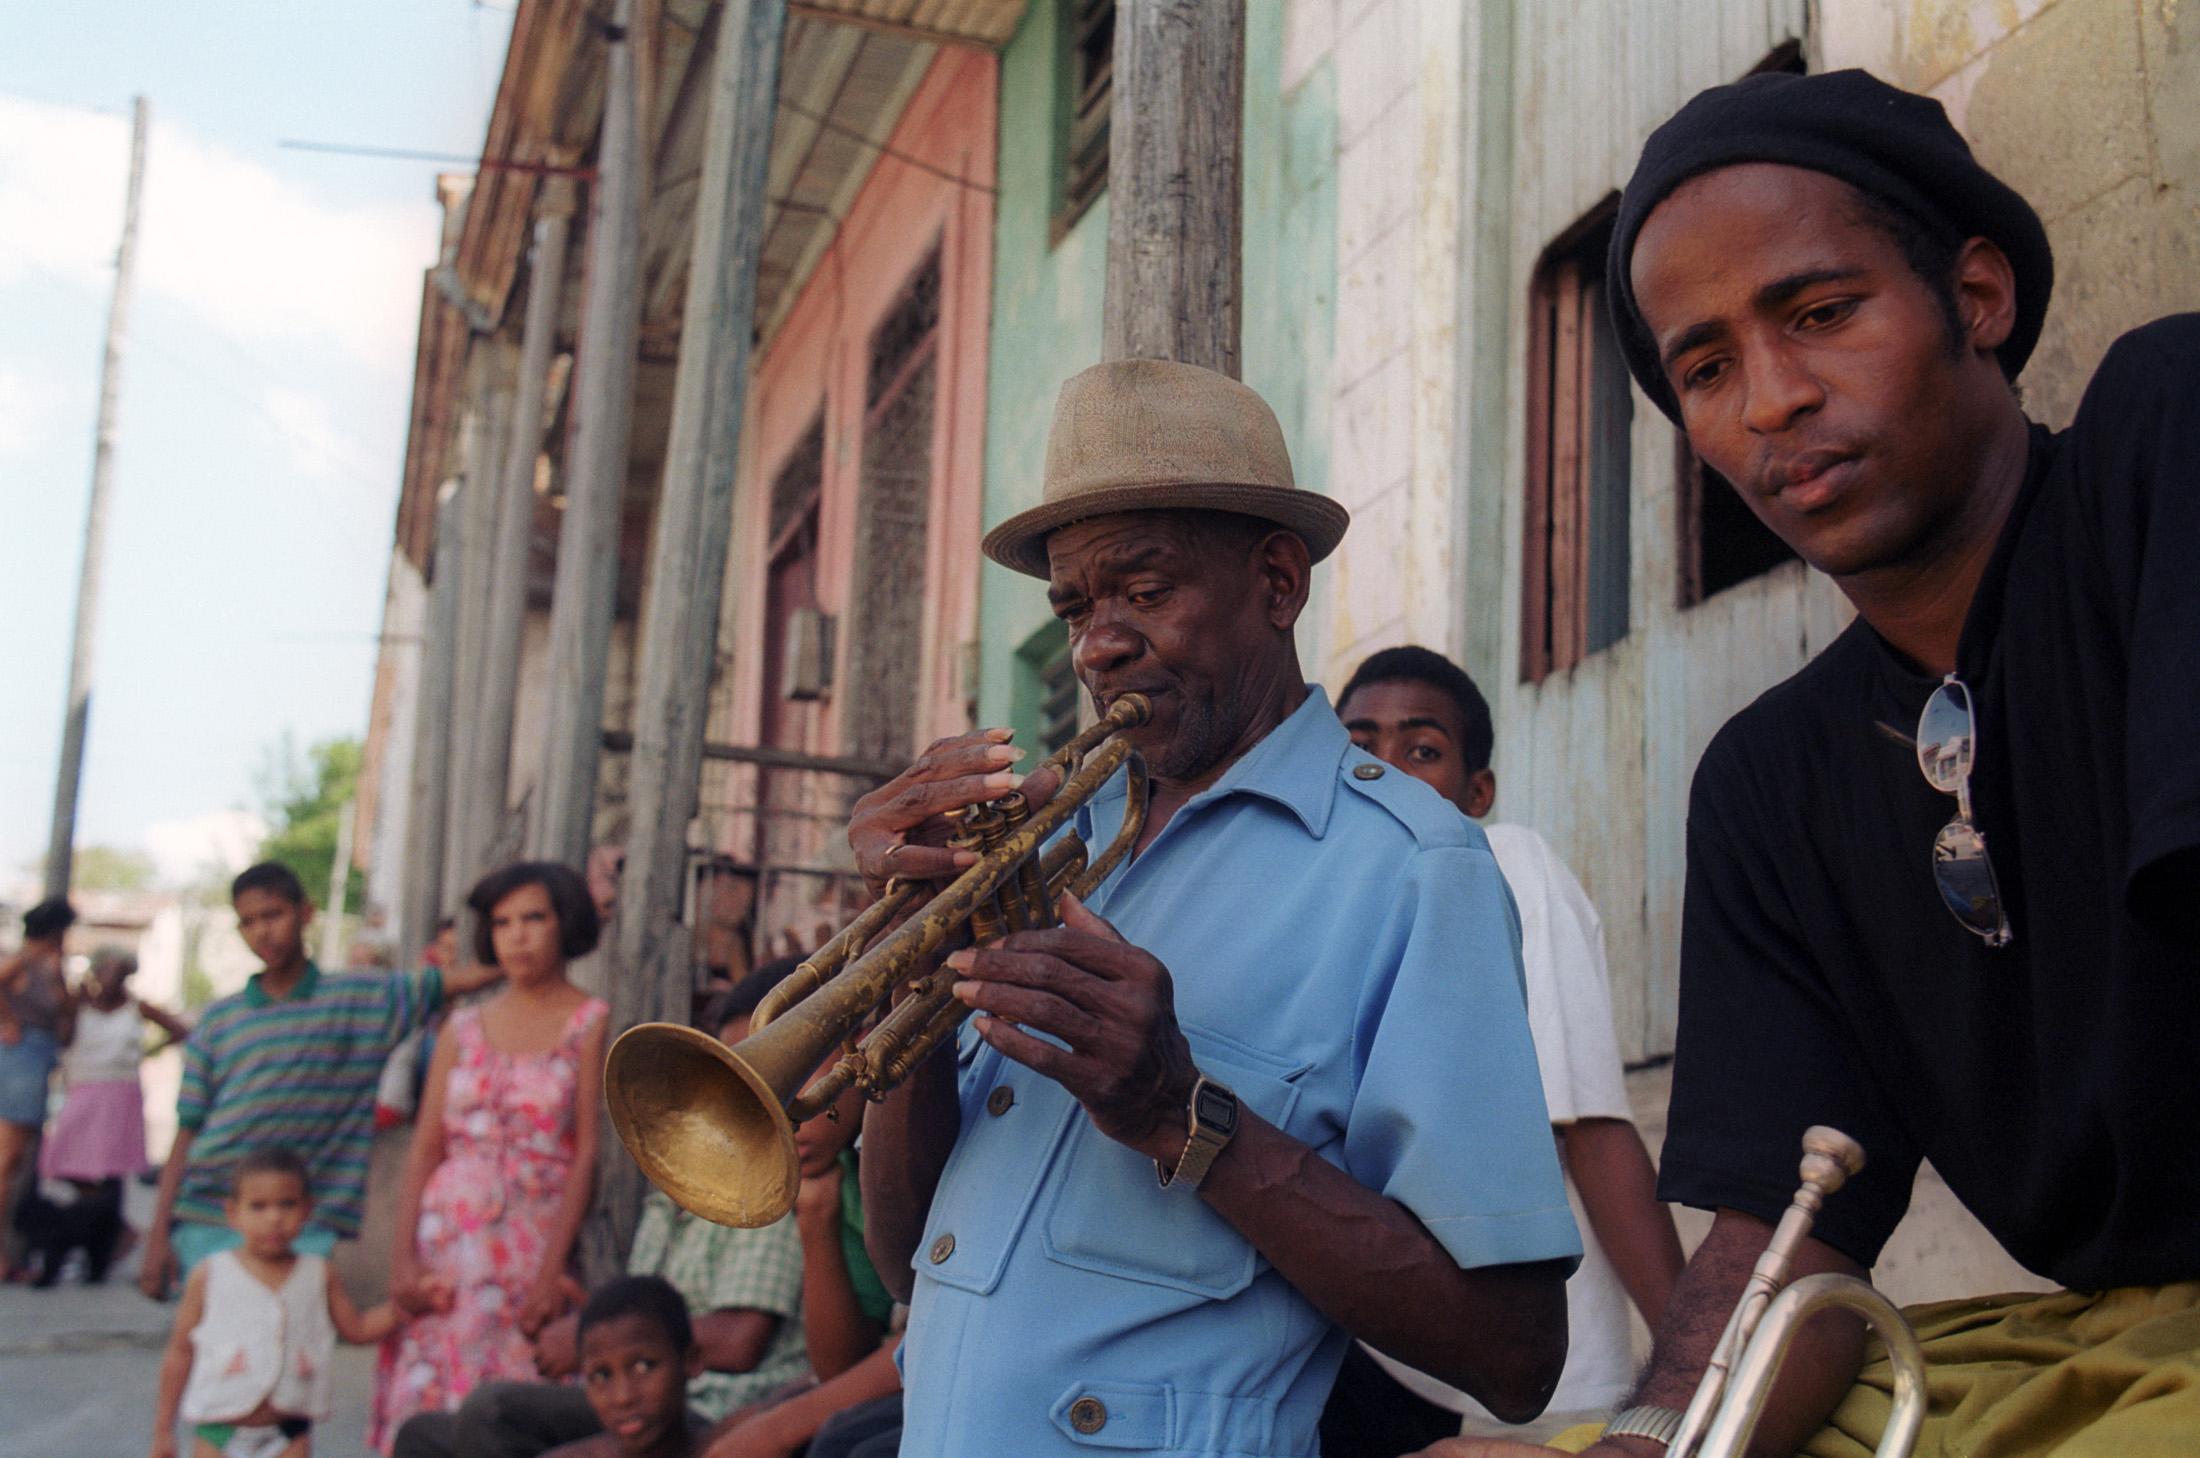 キューバン音楽ドキュメンタリー映画の紹介:キューバ・フェリズ(2000年)